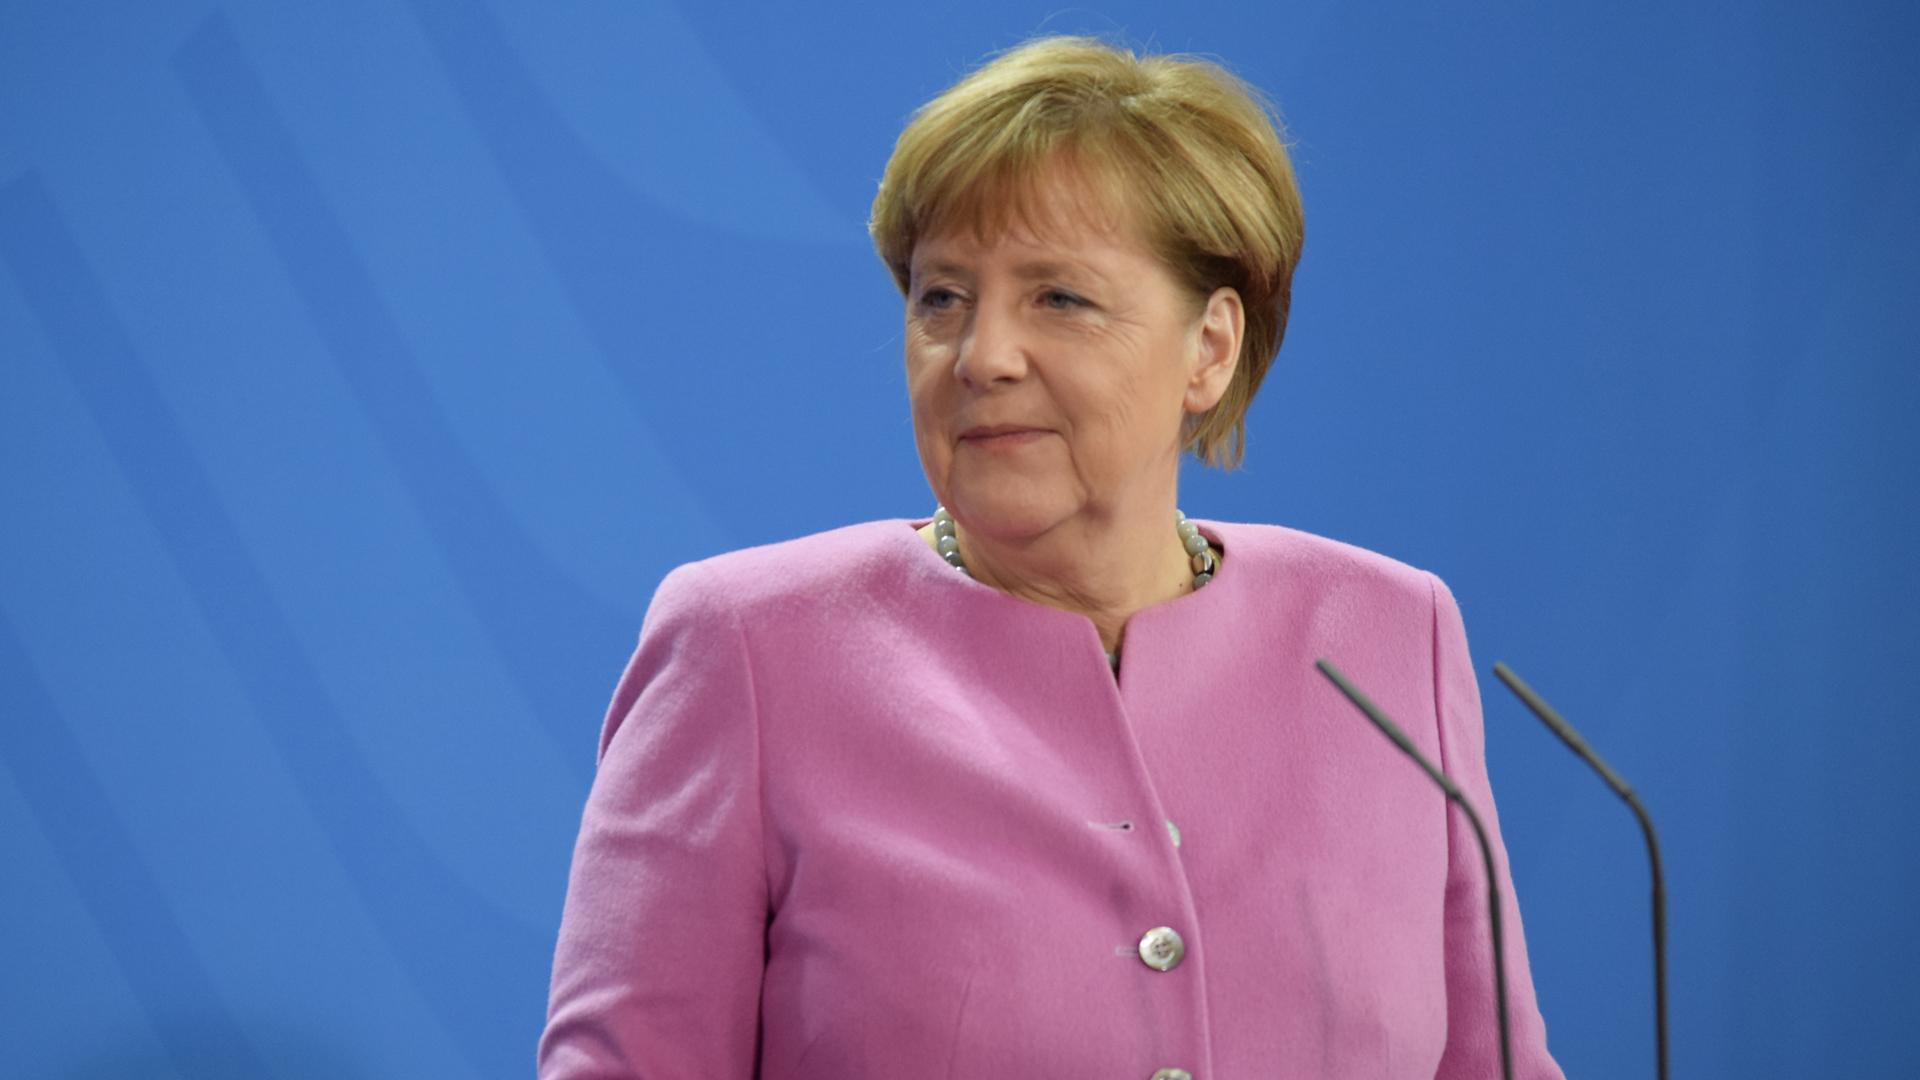 """Bundeskanzlerin Angela Merkel ist vom klaren Nein der Union zur """"Ehe für alle"""" abgerückt"""